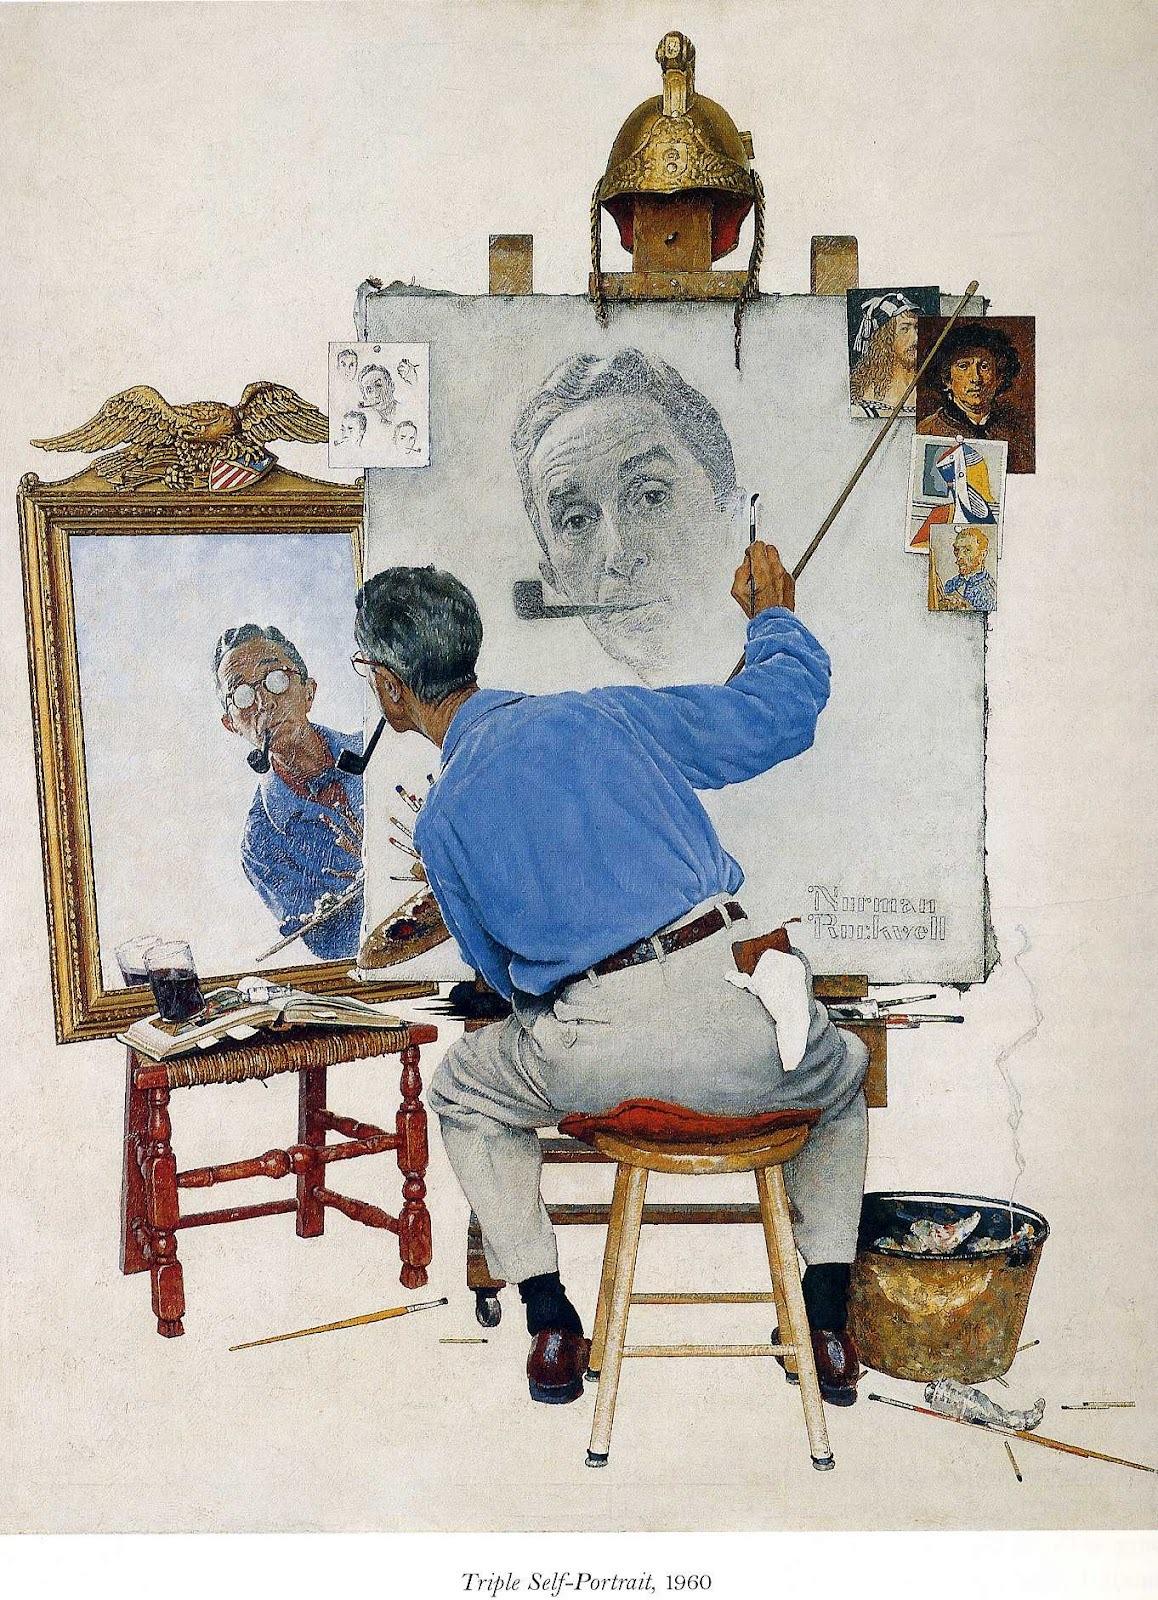 Triple Self-Portrait, 1960 by Norman Rockwell